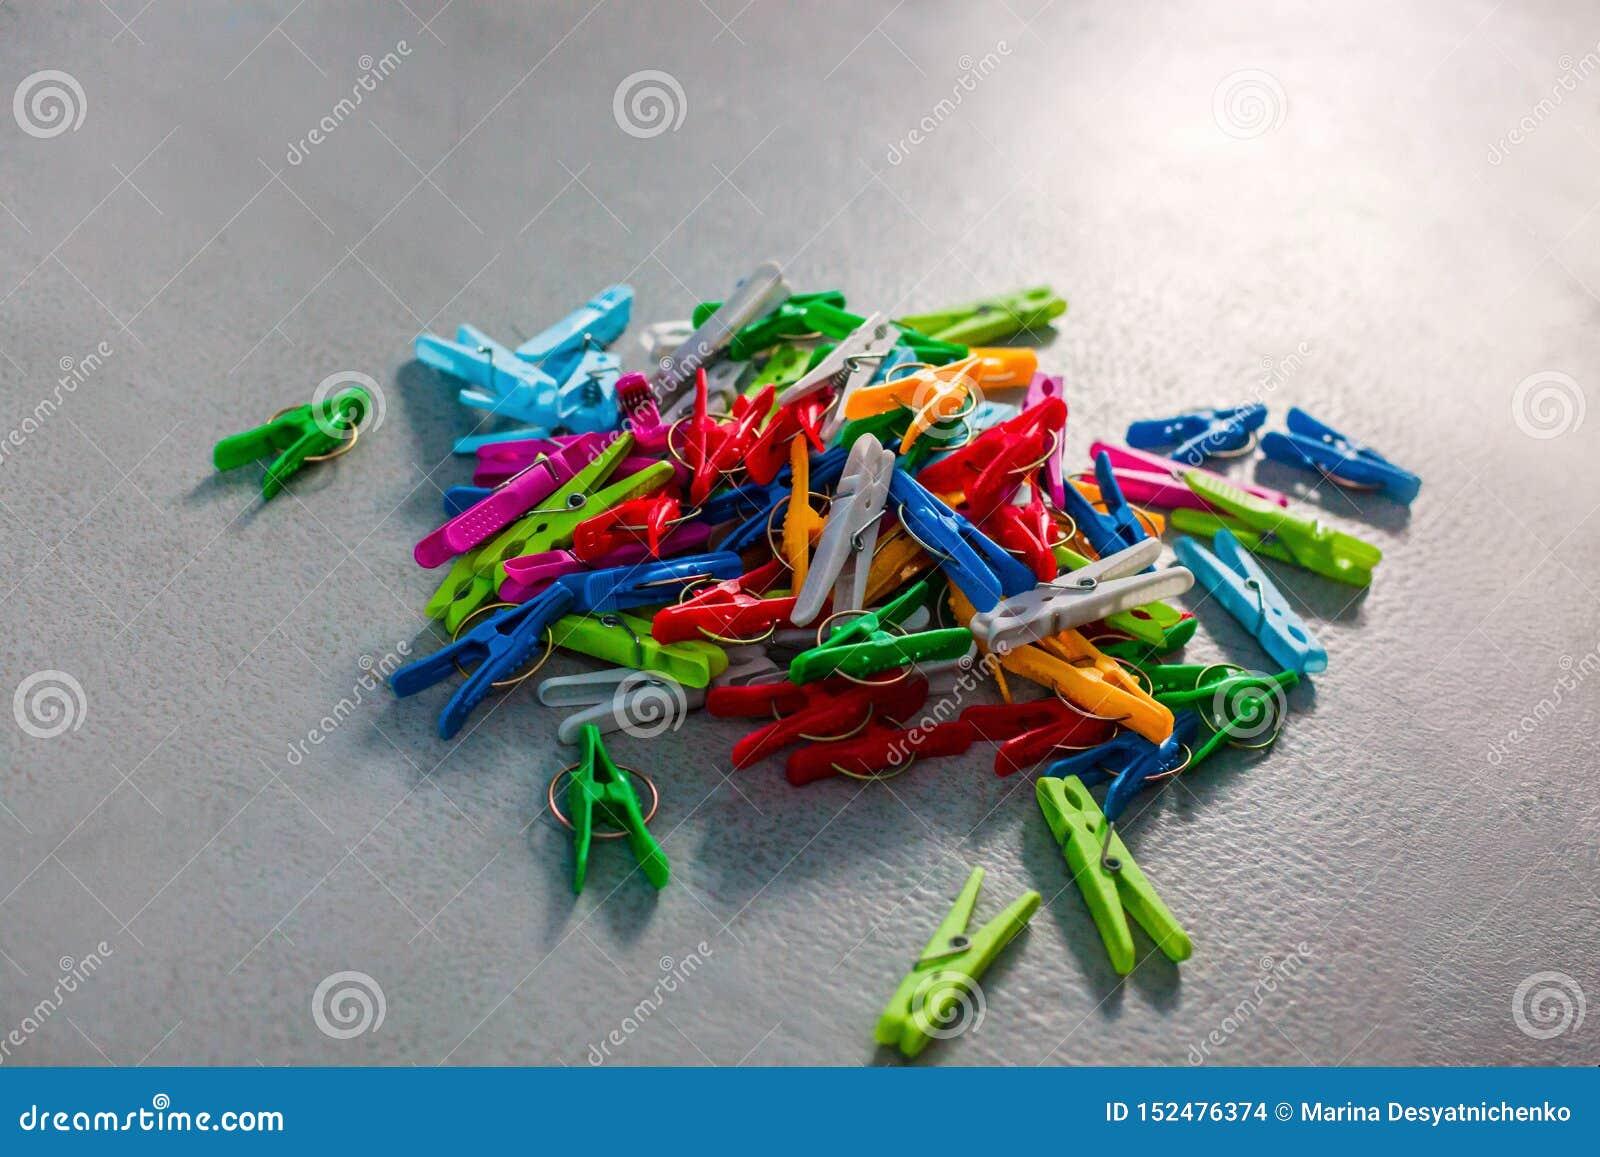 Färgrika plast- klädnypor, klädnypor, klädnypor samling, bakgrund och textur av spridda klädnypor